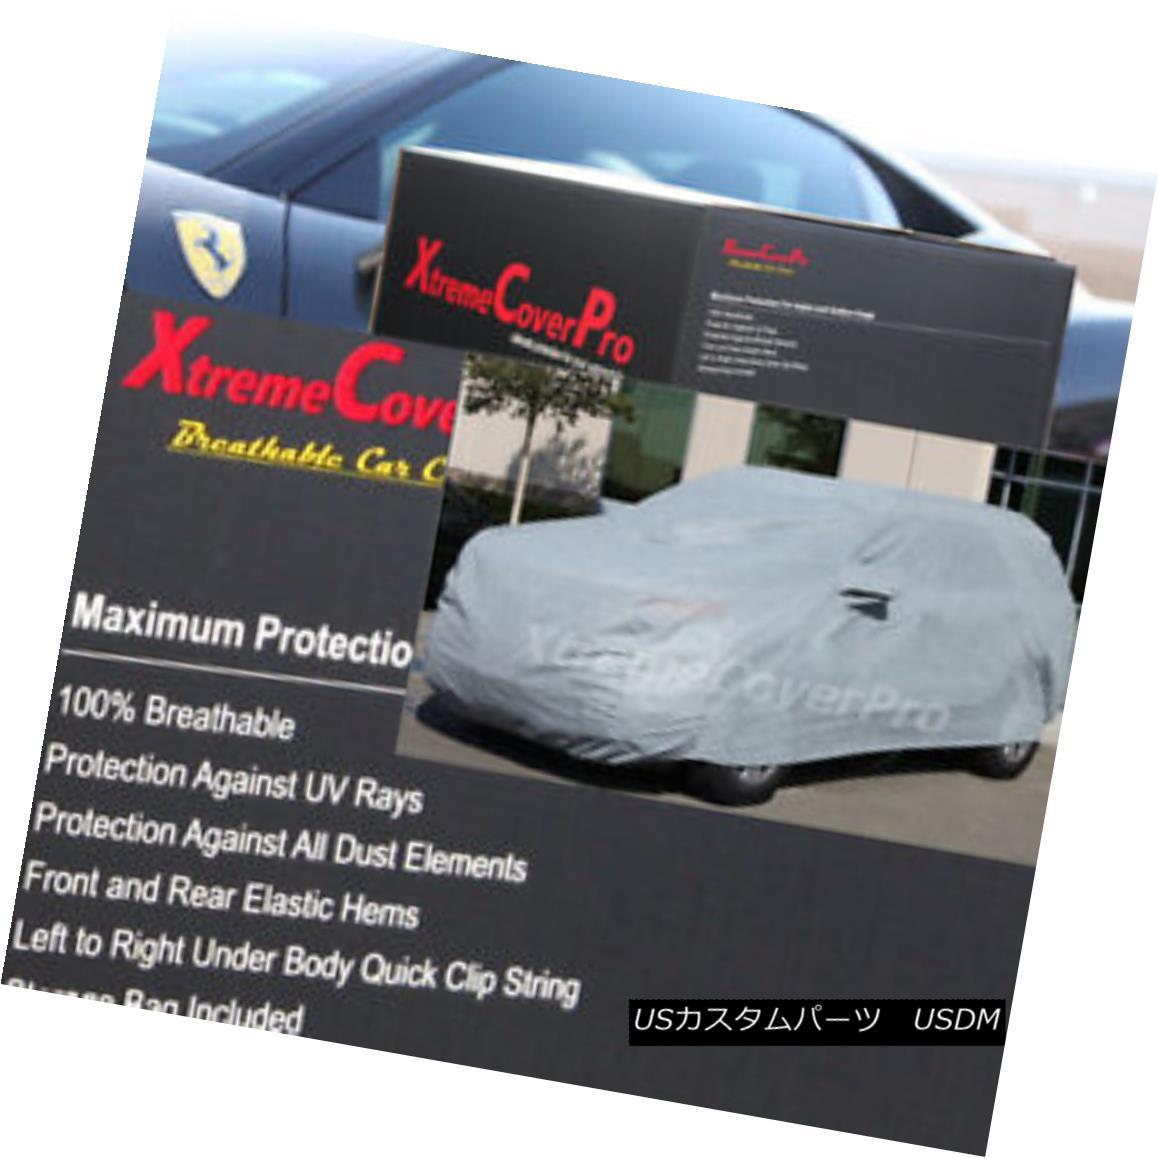 カーカバー 2011 2012 Dodge Durango Breathable Car Cover w/MirrorPocket MirrorPocketを搭載した2011年のドッジードゥランゴ通気性車カバー